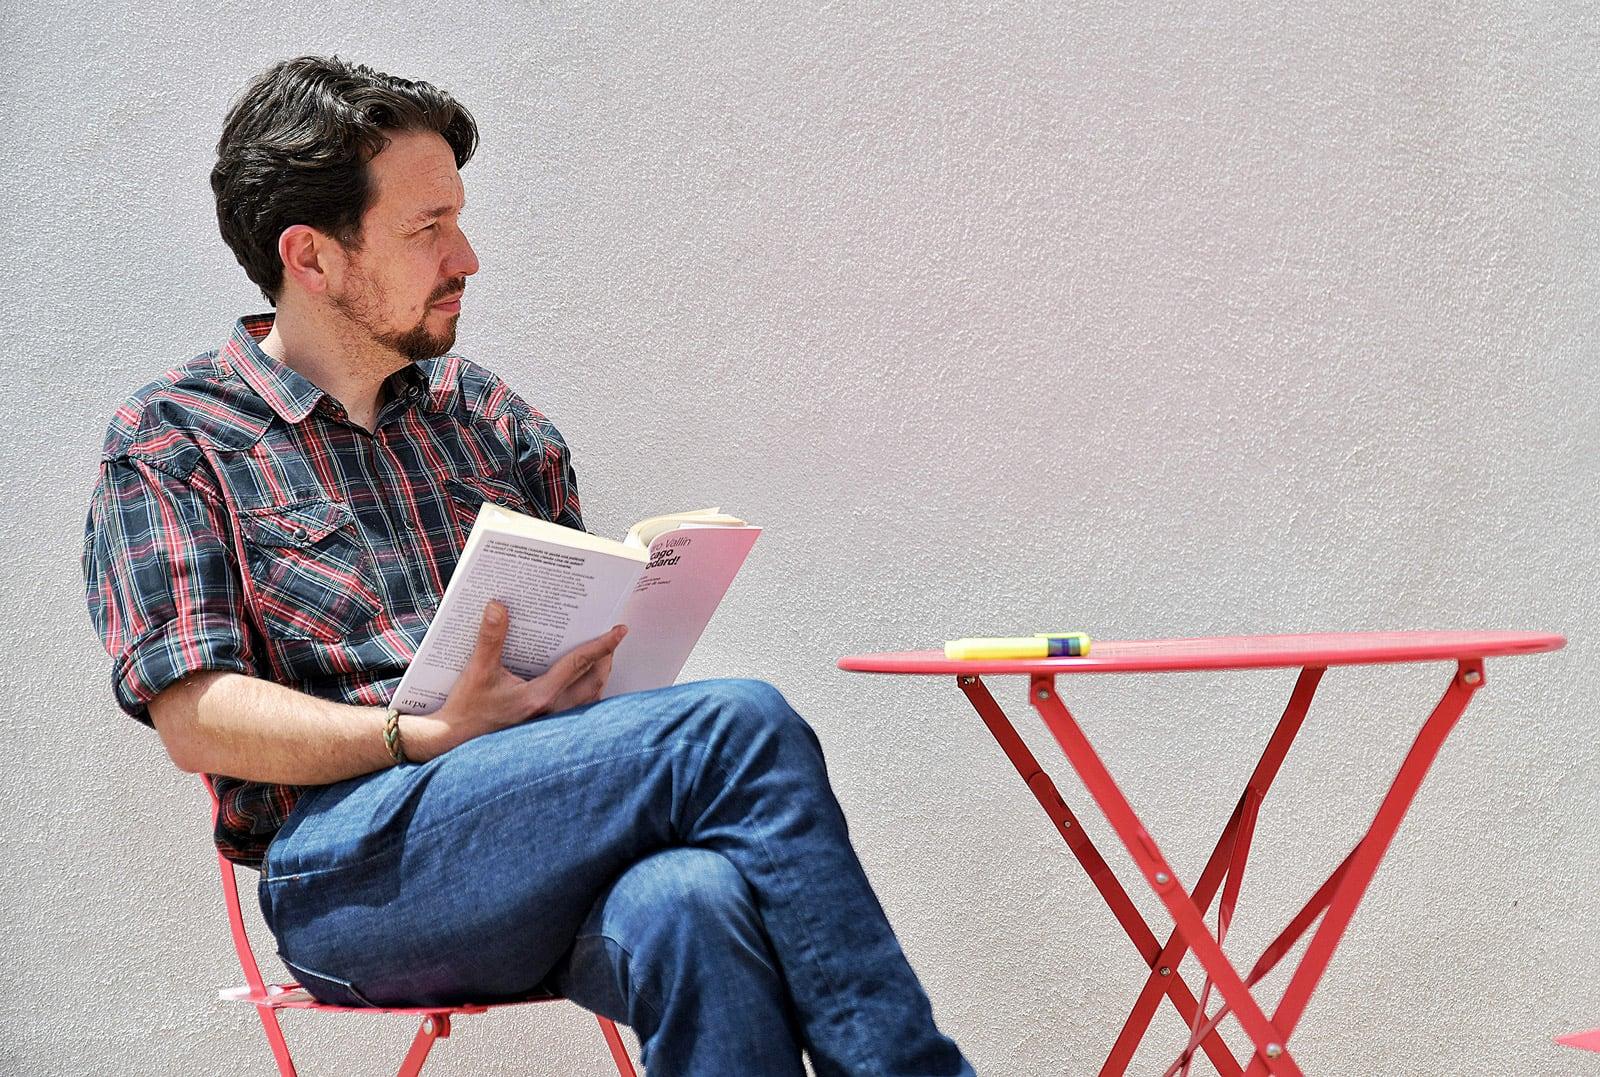 Pablo Iglesias, sense cua, el 12 de maig, uns dies després d'haver anunciat que es retirava de la política. Fotografia de Dani Gago. AFP.